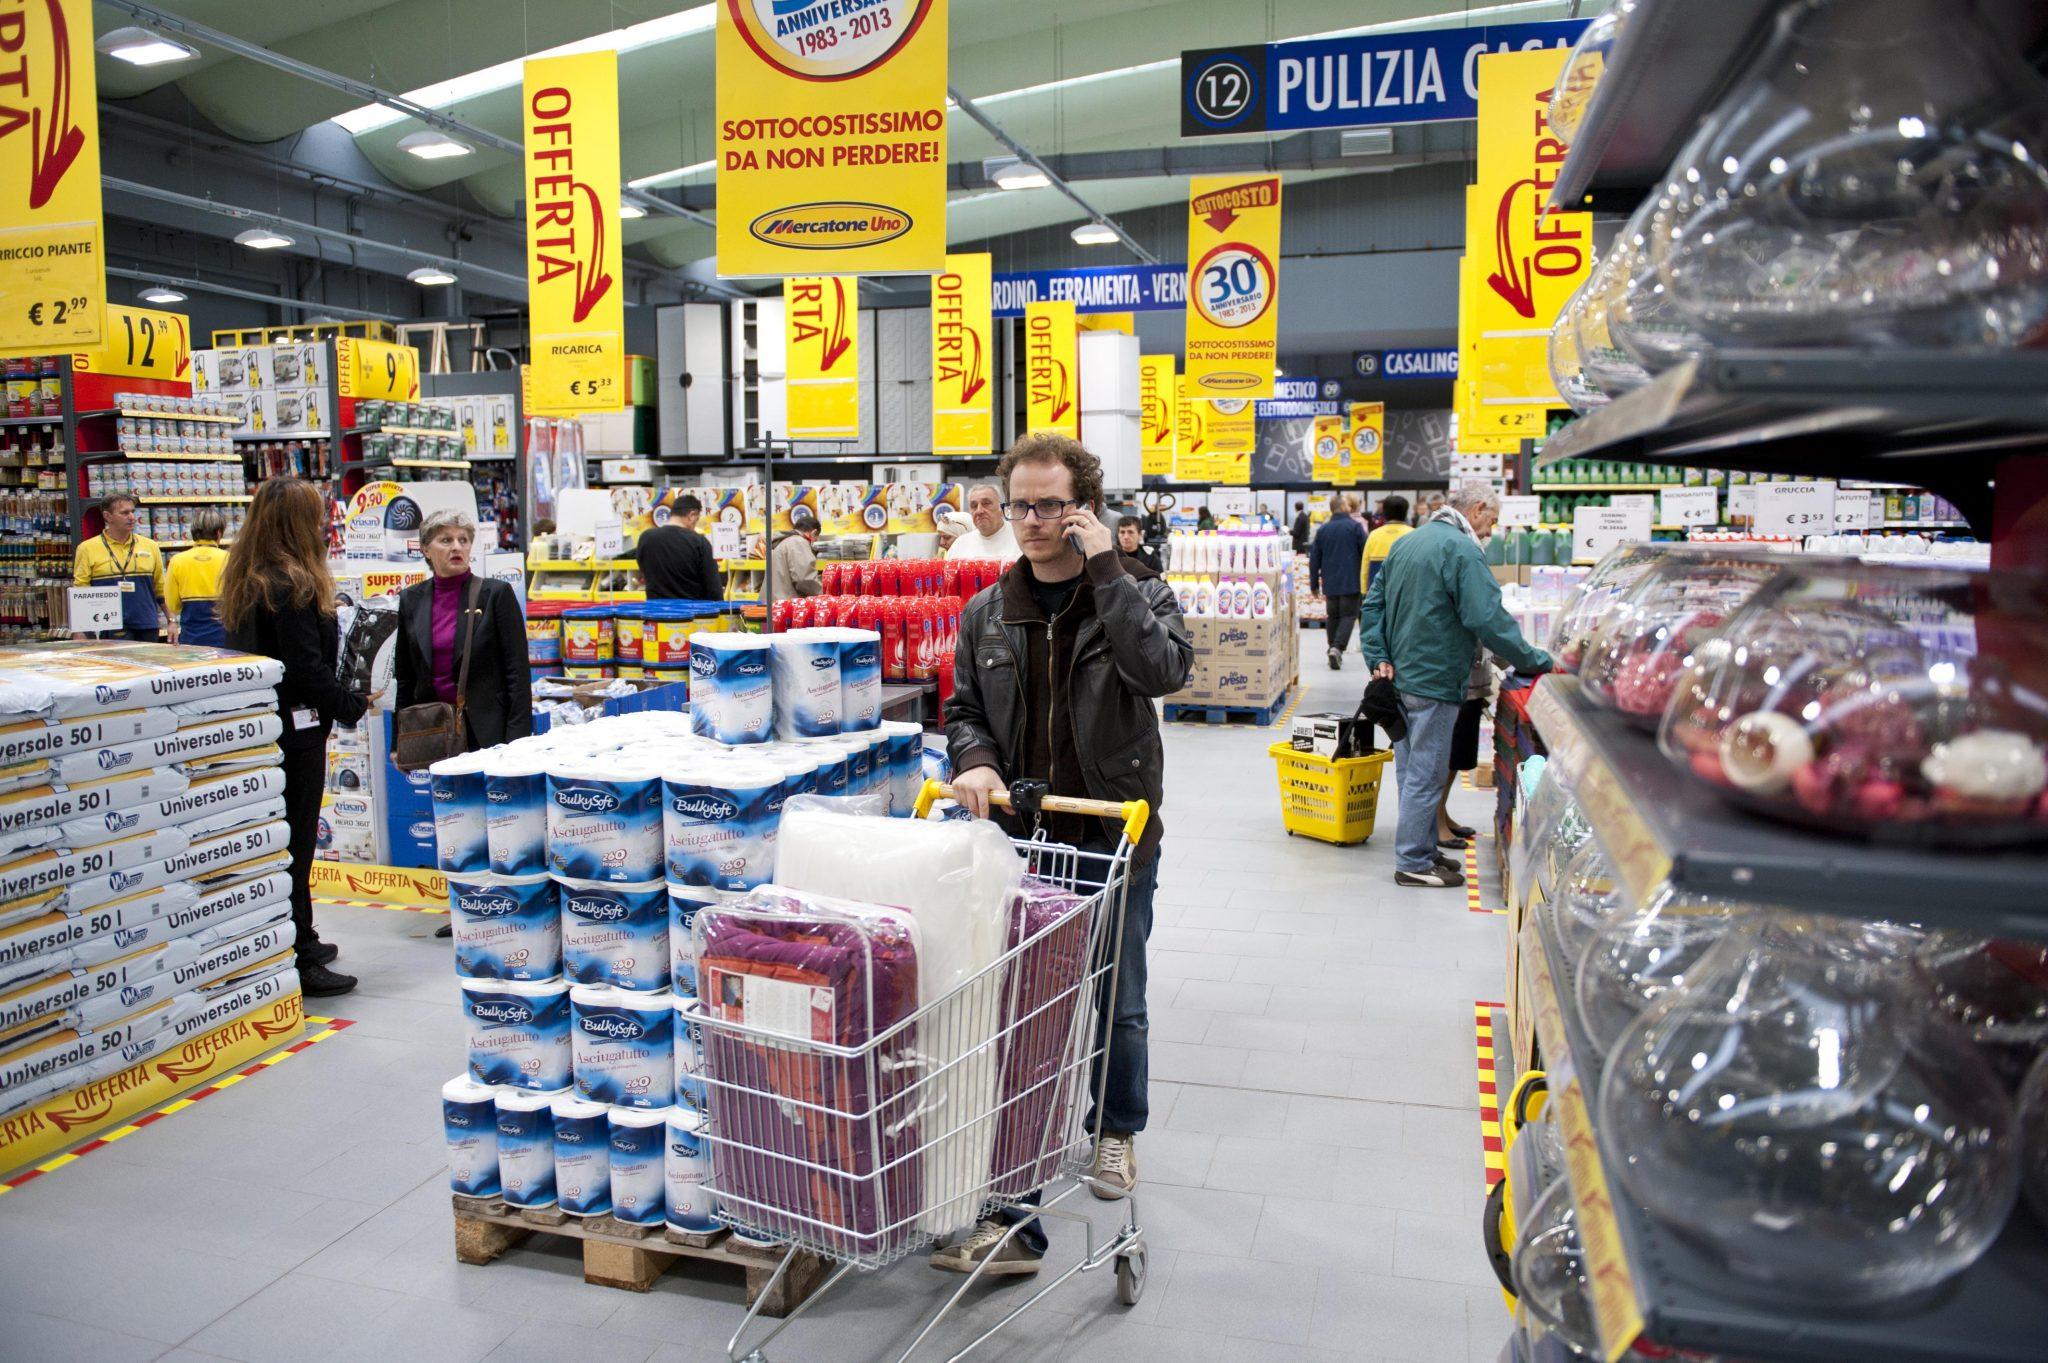 Mercatone Uno - Opinioni Recensioni e Prezzi